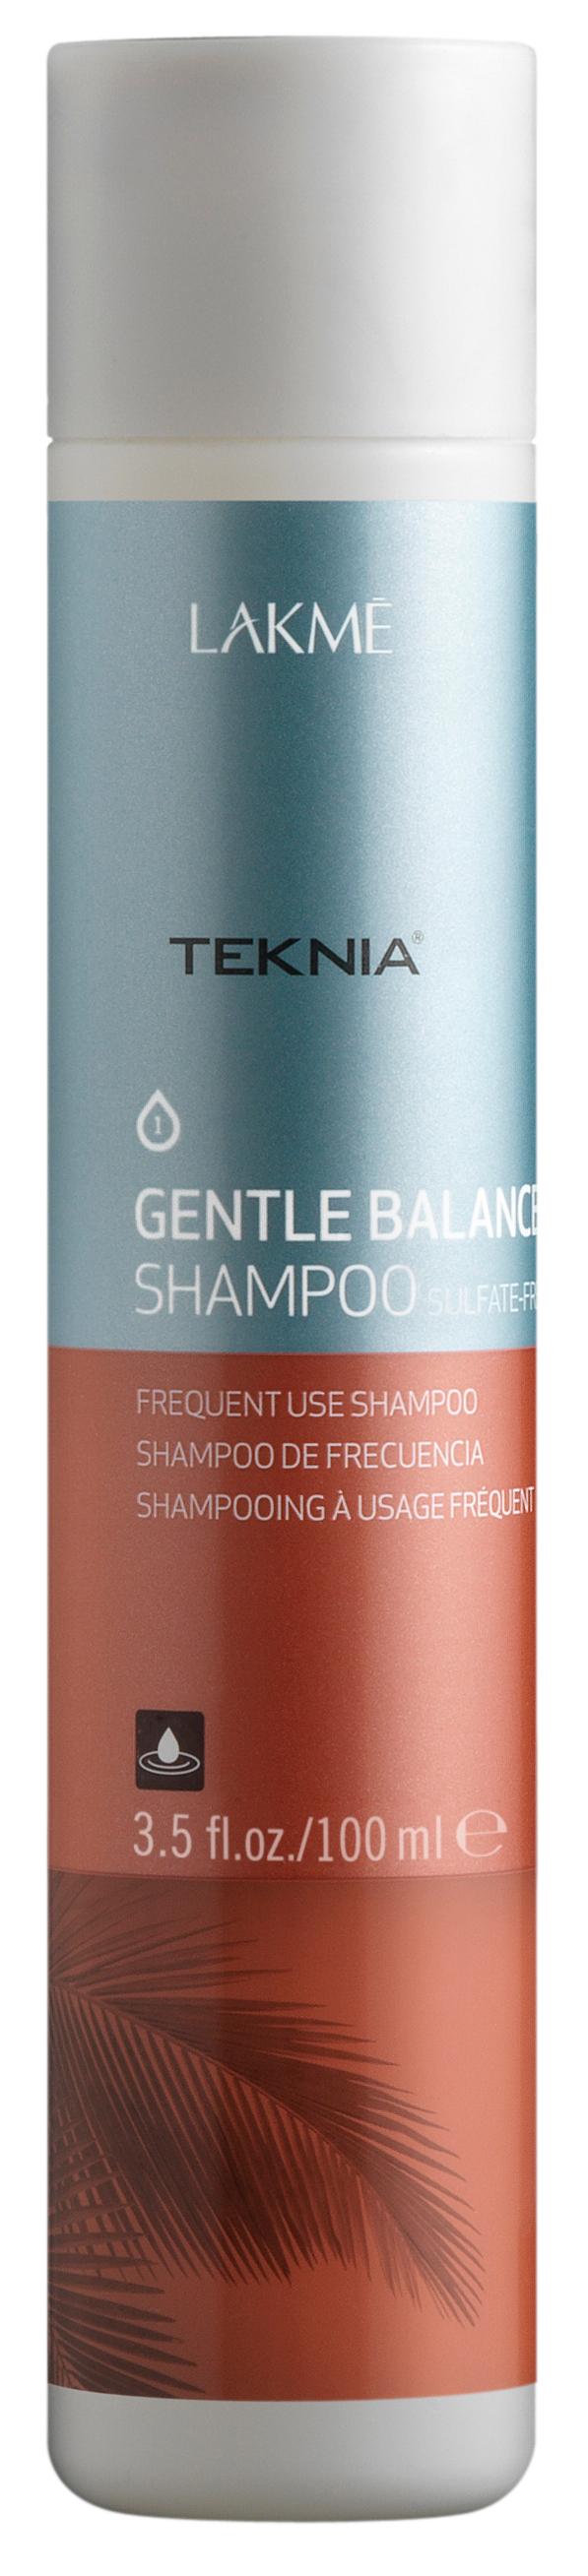 Купить LAKME Шампунь для частого применения для нормальных волос / GENTLE BALANCE SULFATE-FREE SHAMPOO 100 мл